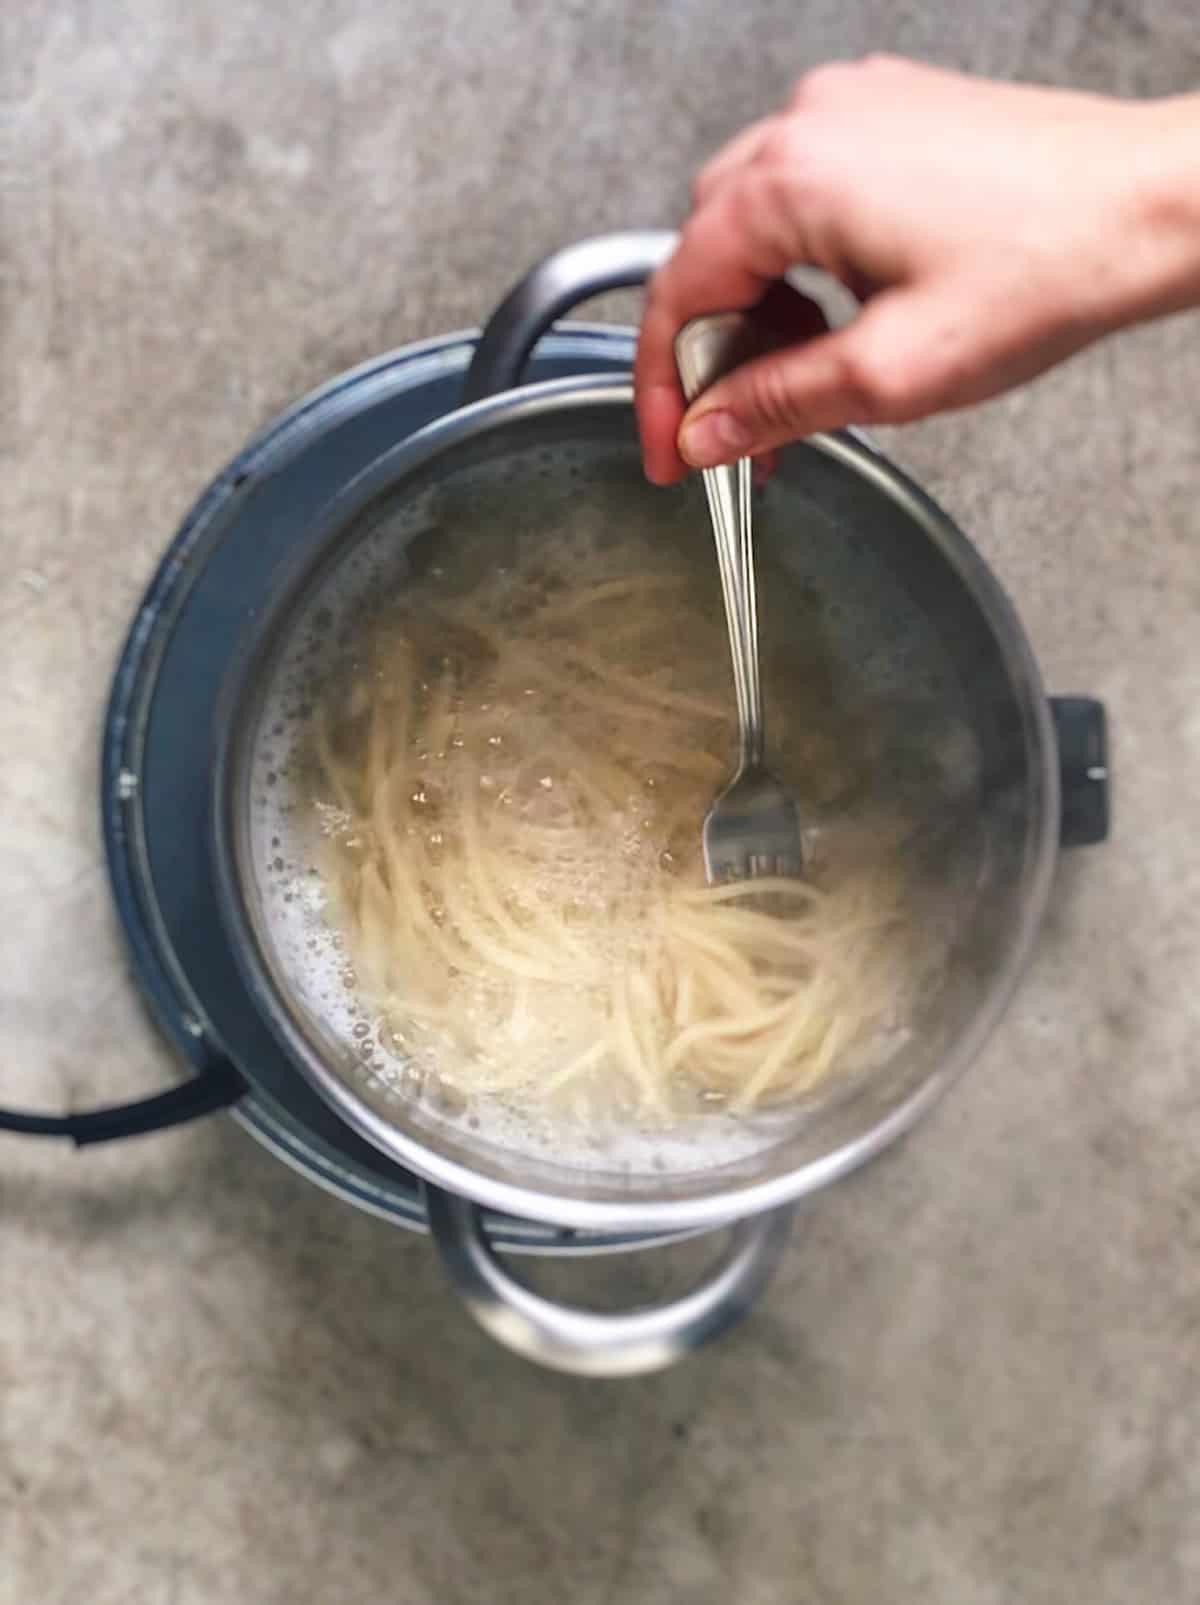 Tiempo de coccion de la pasta